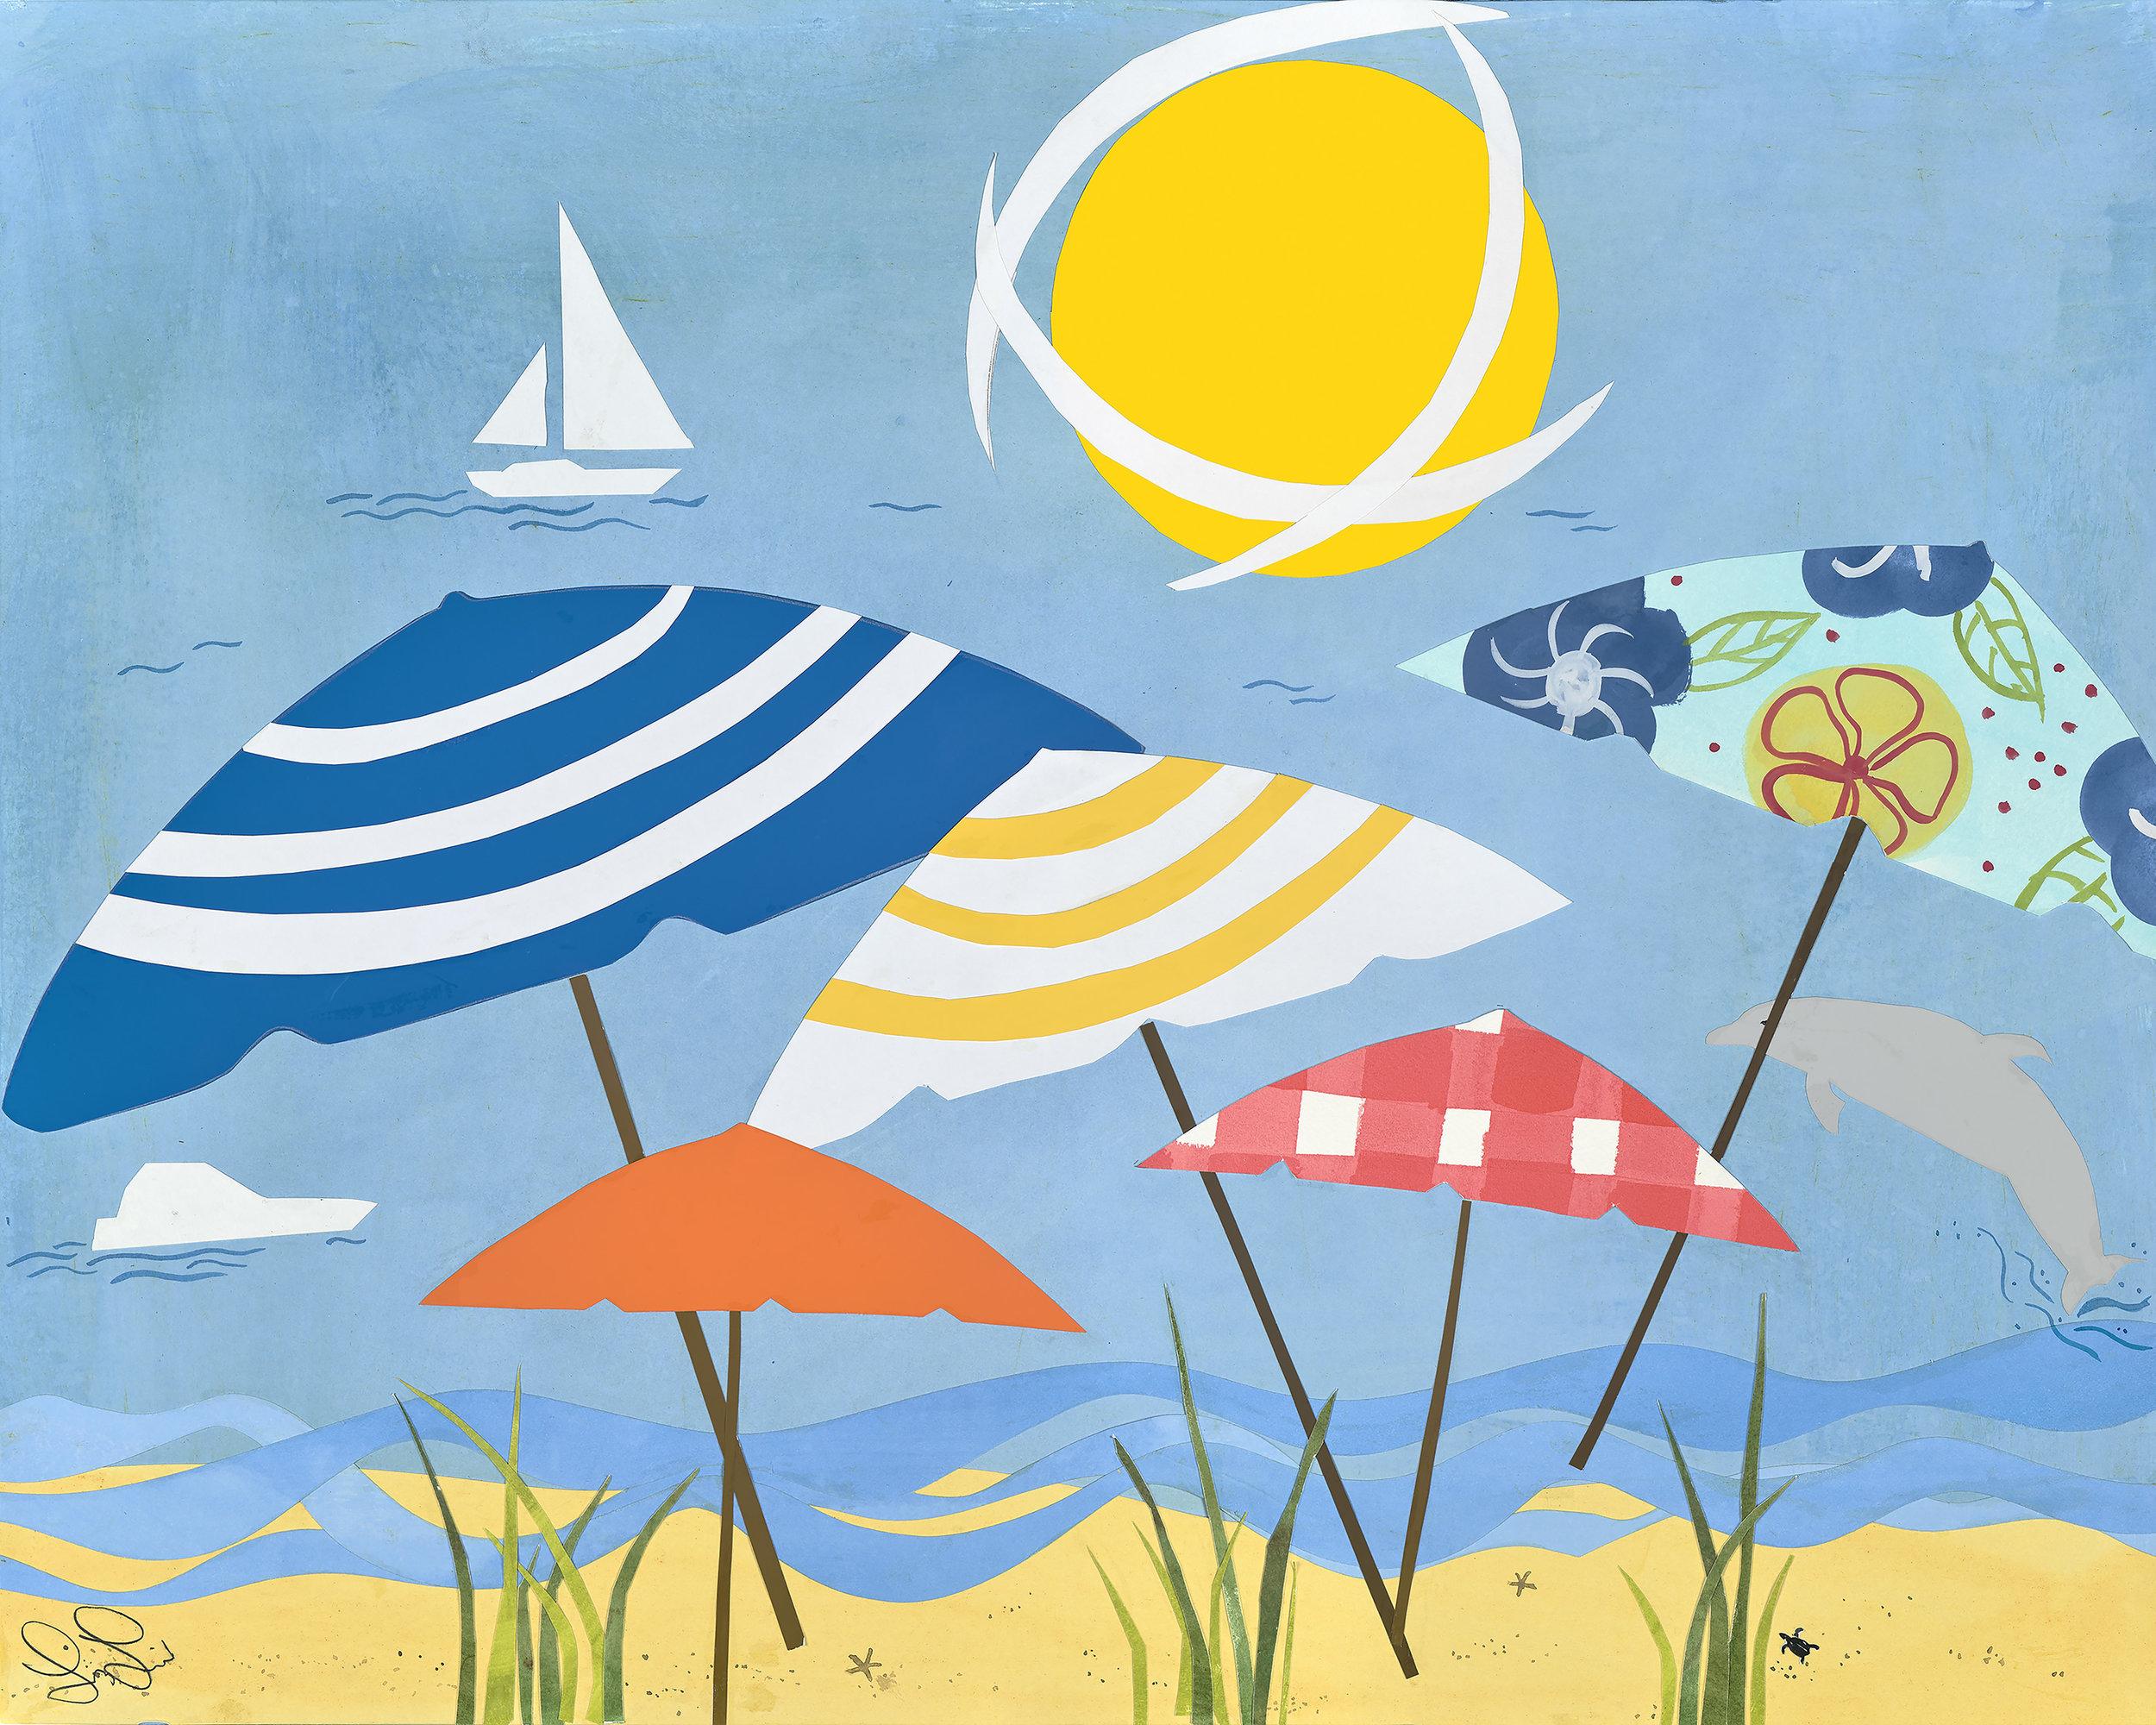 Sunny Beach Umbrellas - Buy This